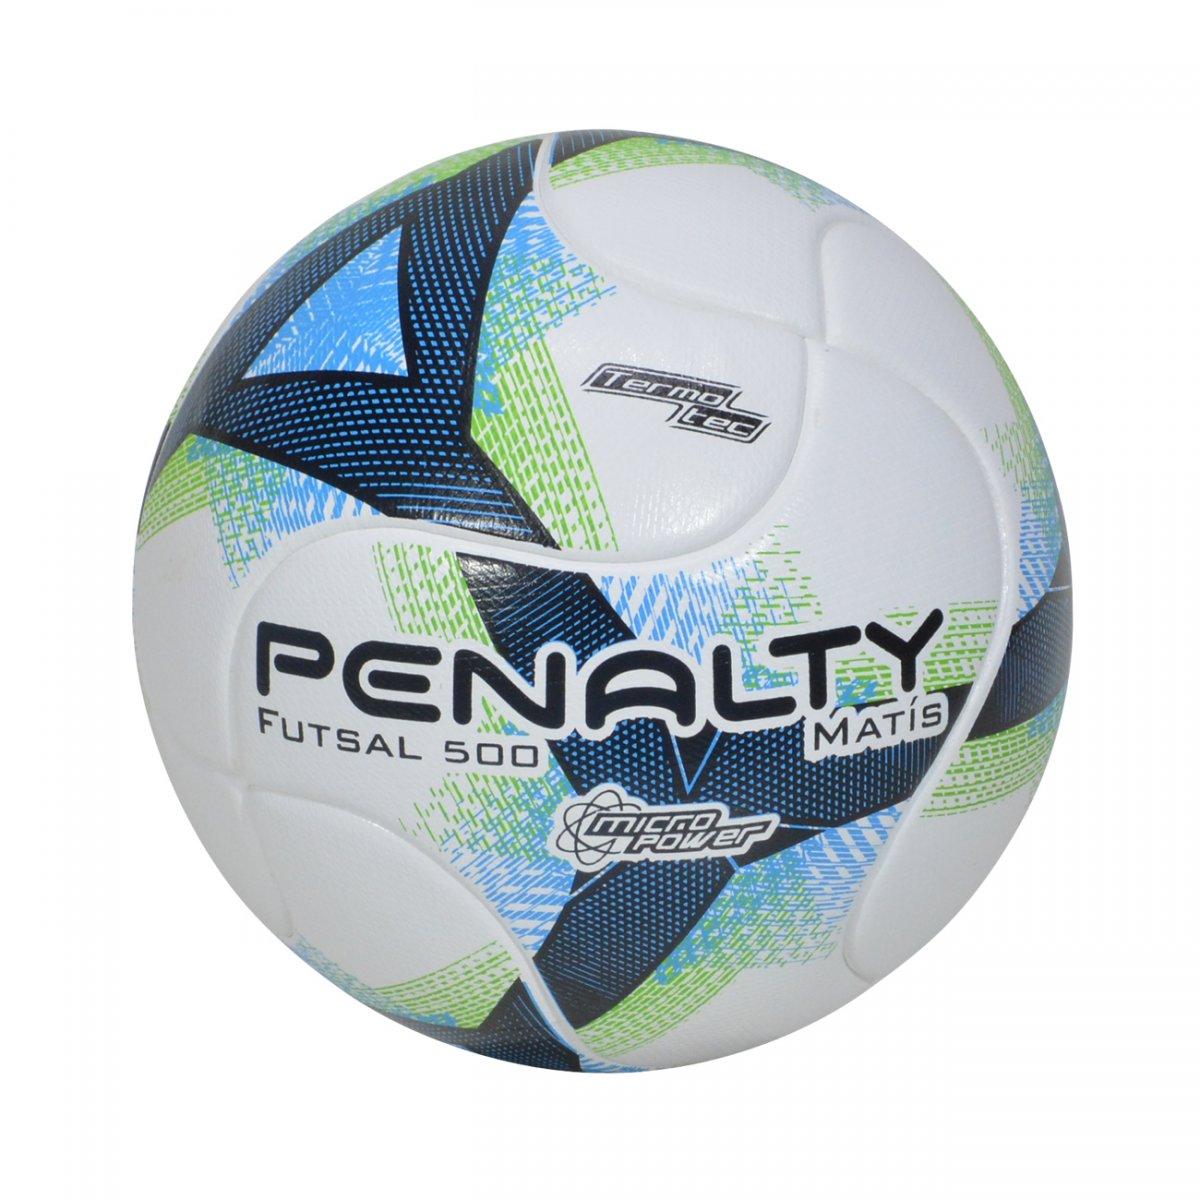 49a7044c9c199 Bola Penalty Matis 500 Futsal 5402021540 - Branco azul verde - Chuteira  Nike